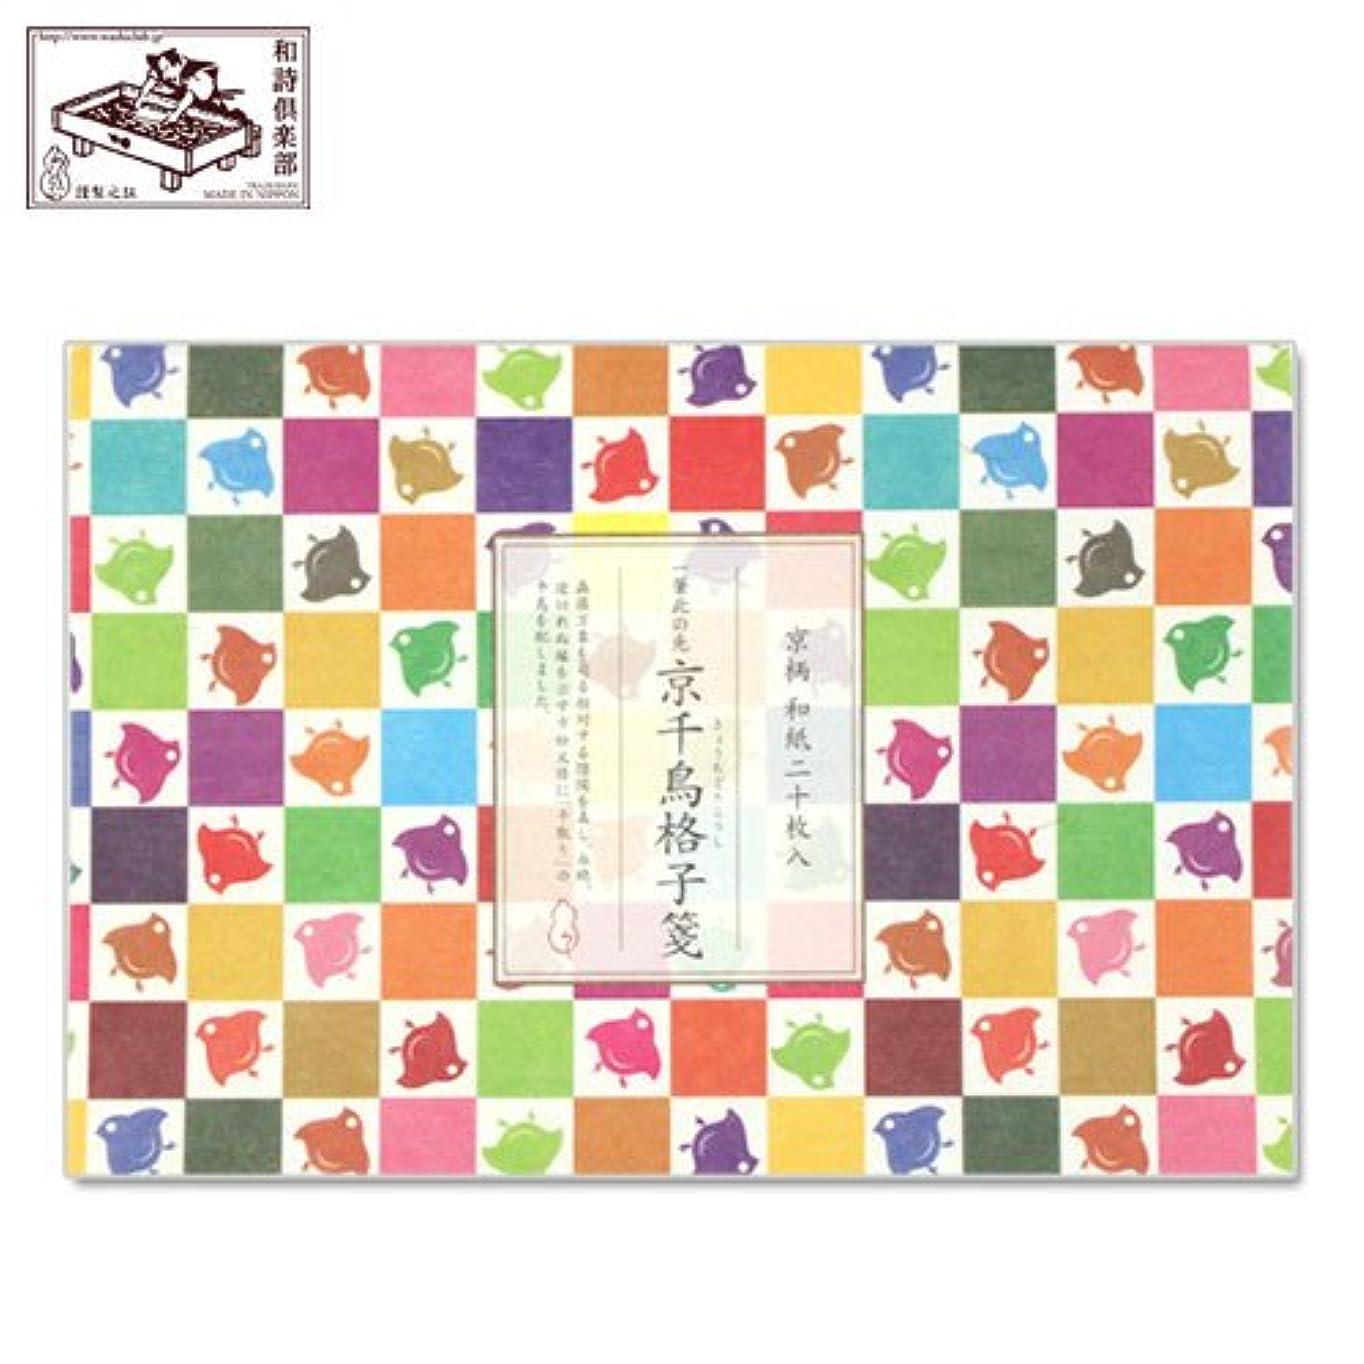 合わせて菊ようこそ【一筆箋】一筆此の先箋京千鳥格子箋 (IC-020)同柄20枚綴和詩倶楽部Mini letter paper, Washi-club